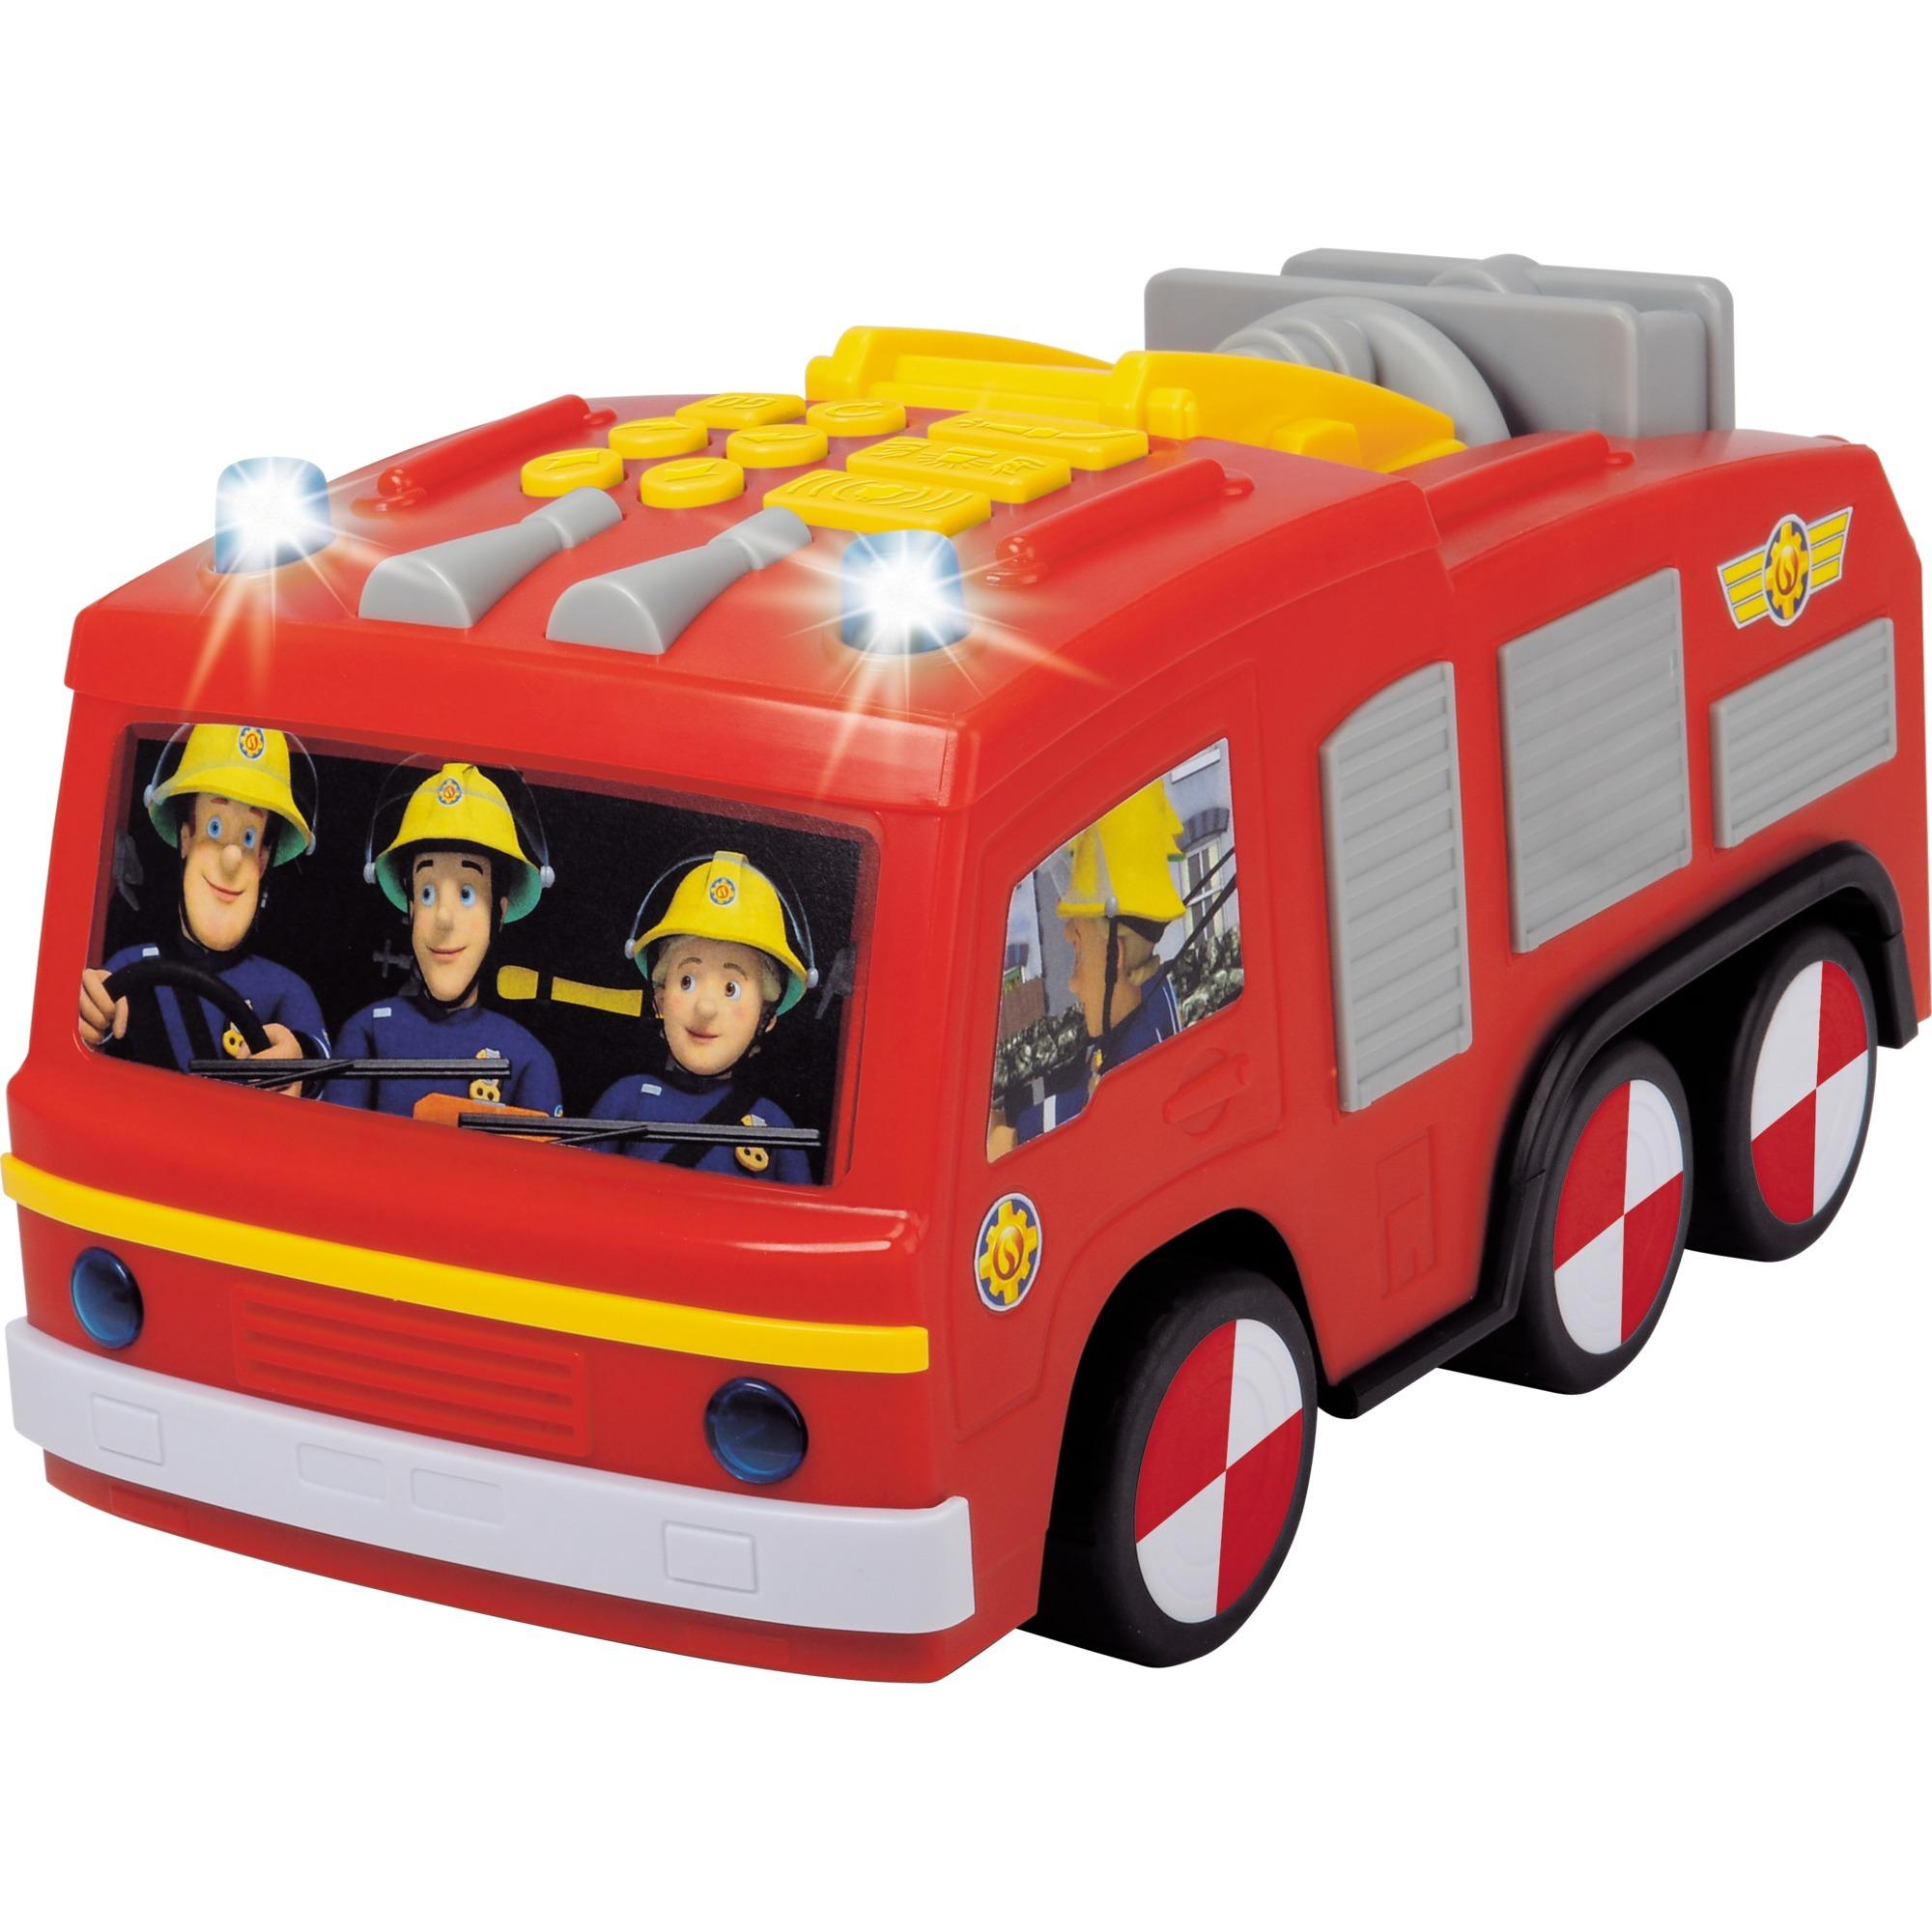 203096001, Automóvil de construcción